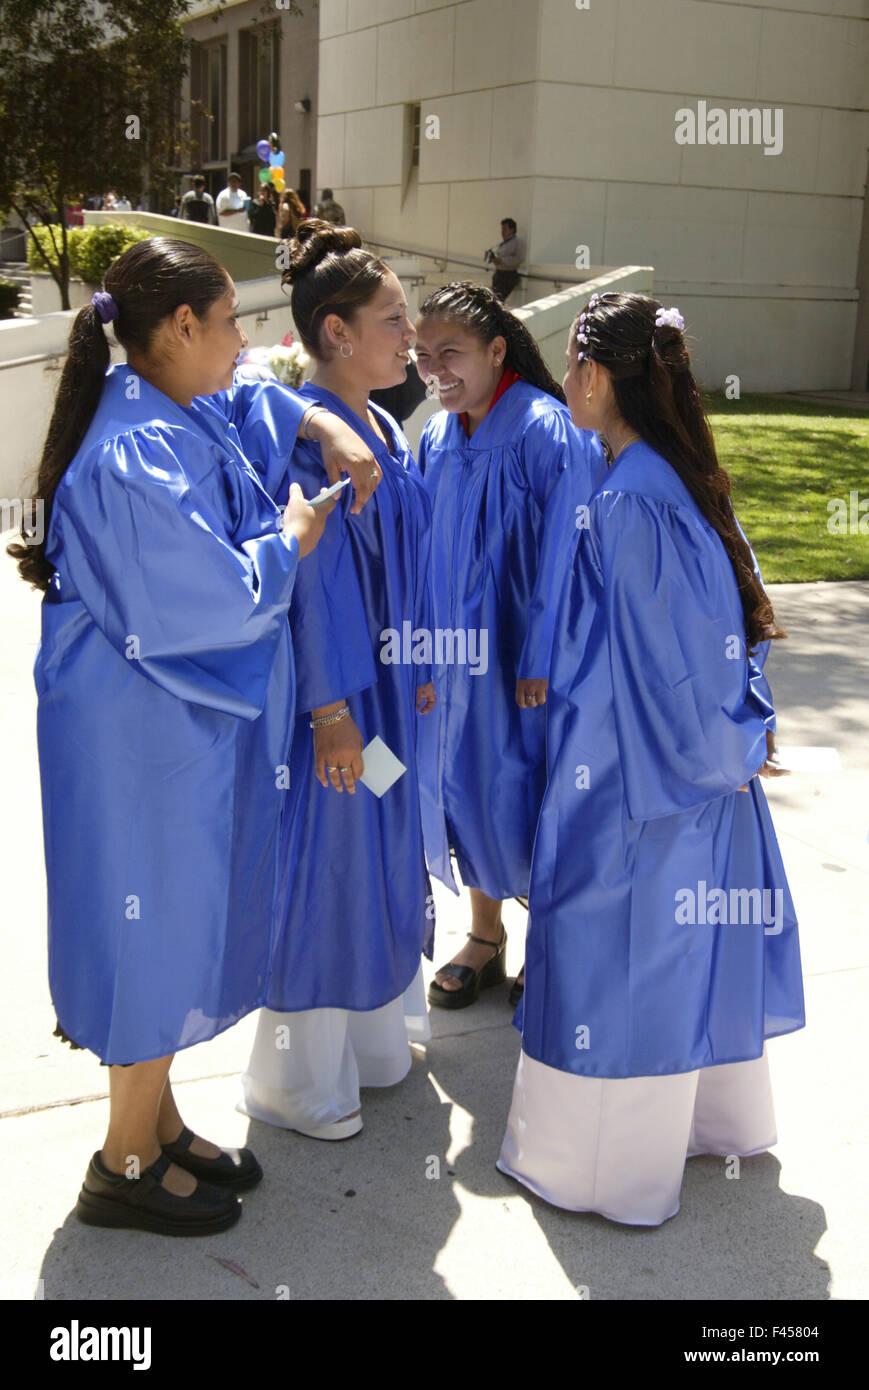 Girl In Graduation Clothes Stock Photos & Girl In Graduation Clothes ...